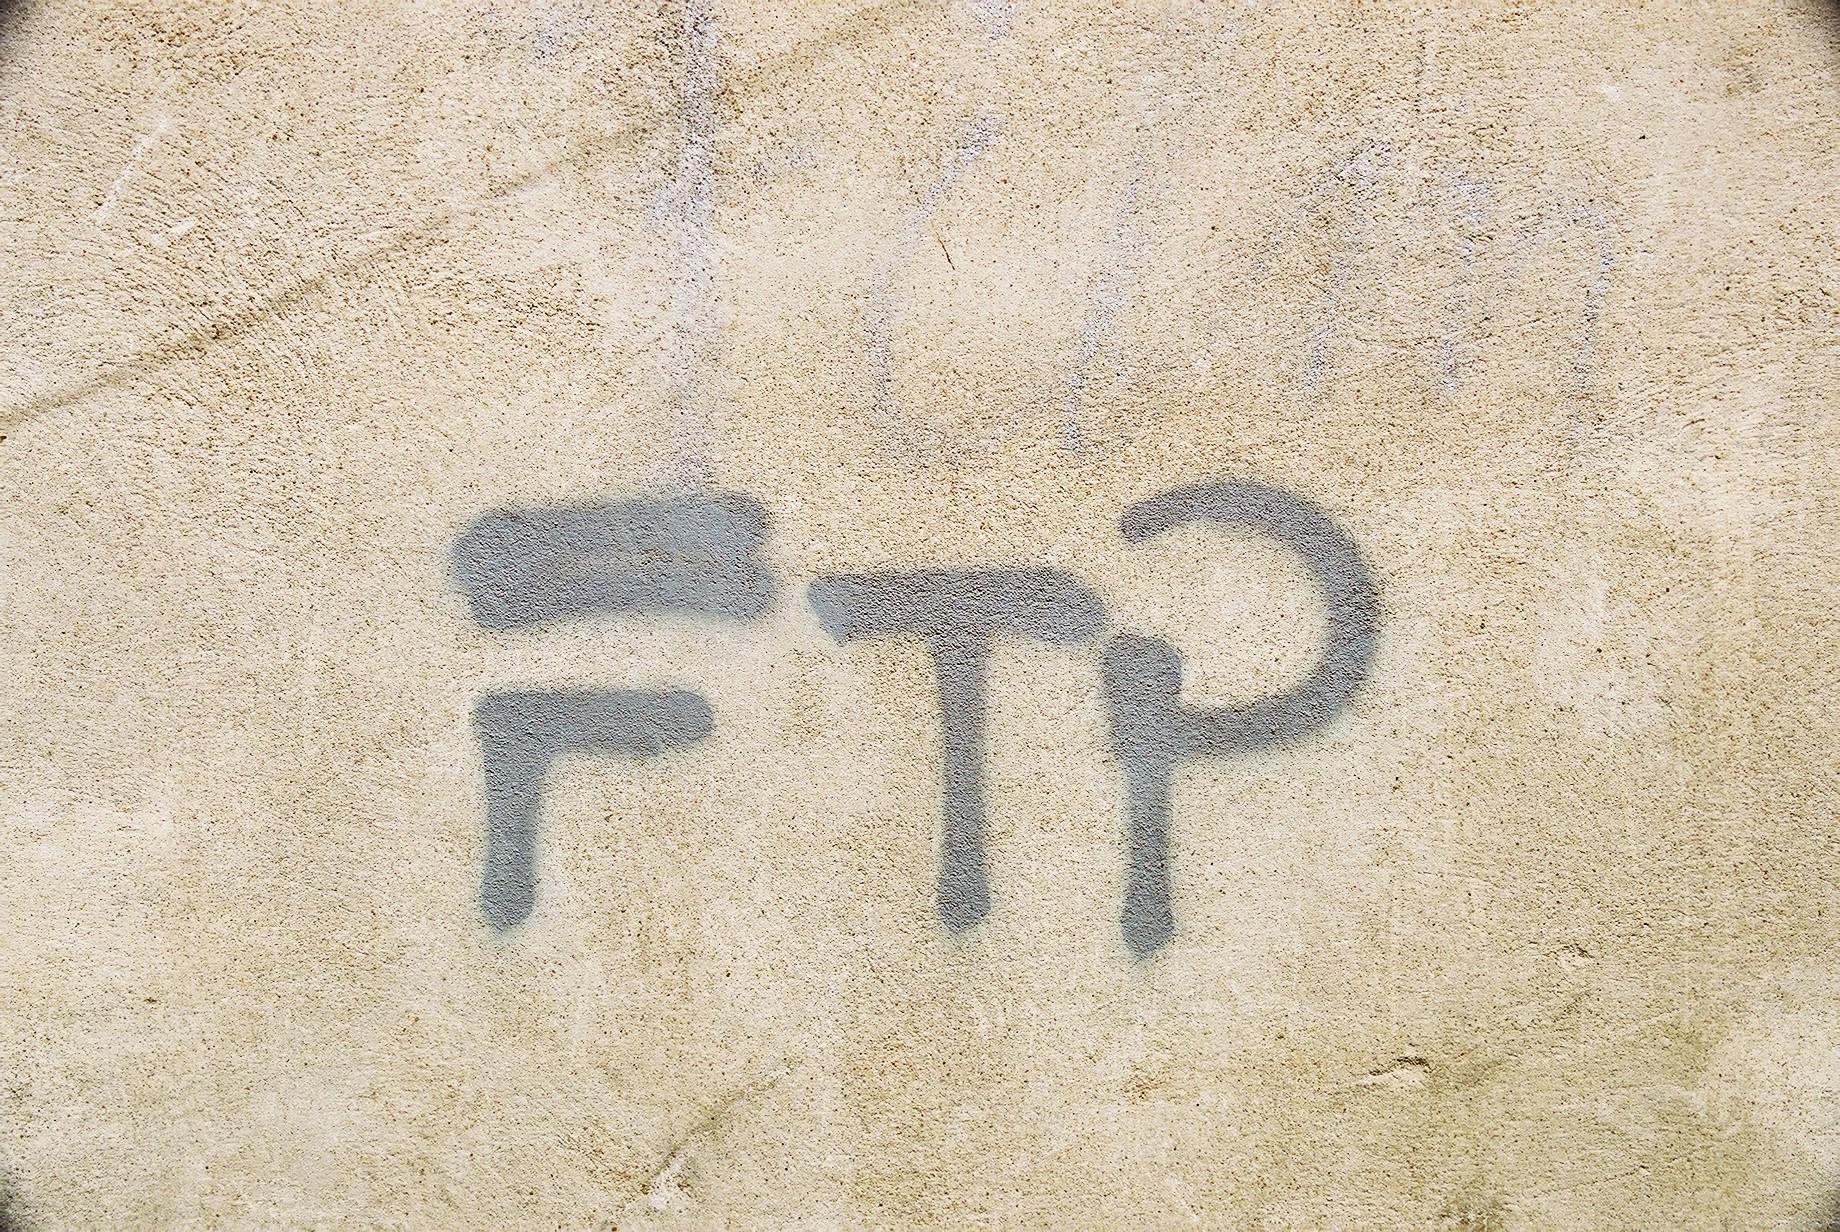 Graffito, Arles, France. (JAMES FLINT)